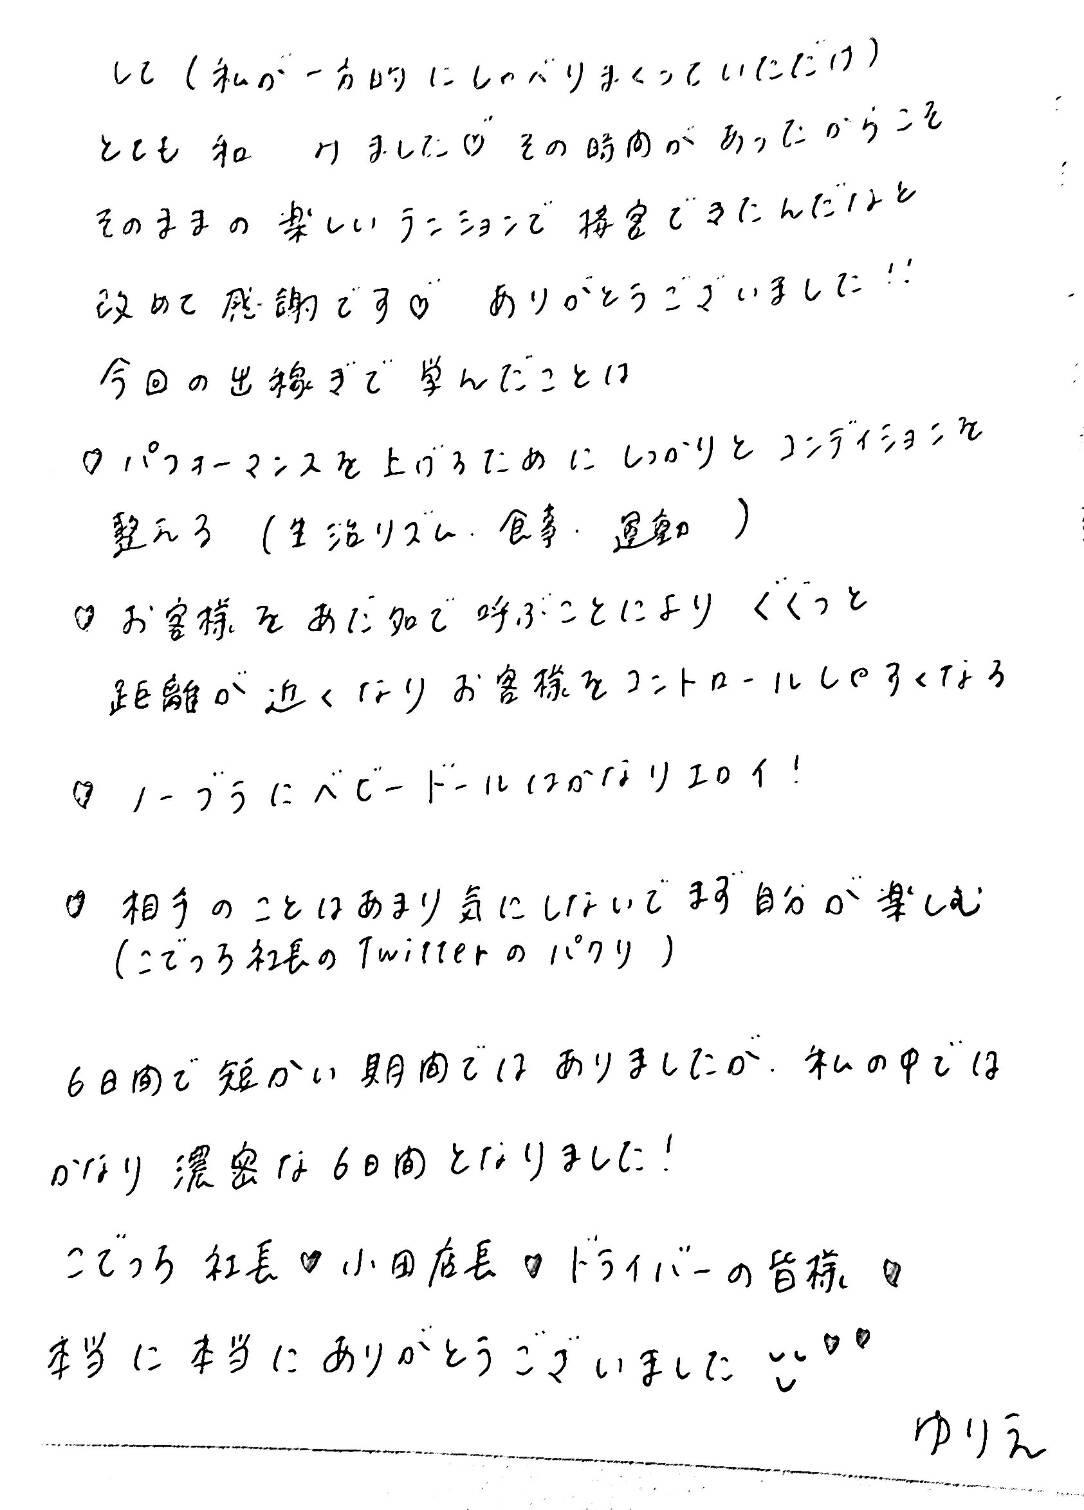 ゆりちゃんの出稼ぎノート2、ヒントがいっぱいなので女子は読むべき!!